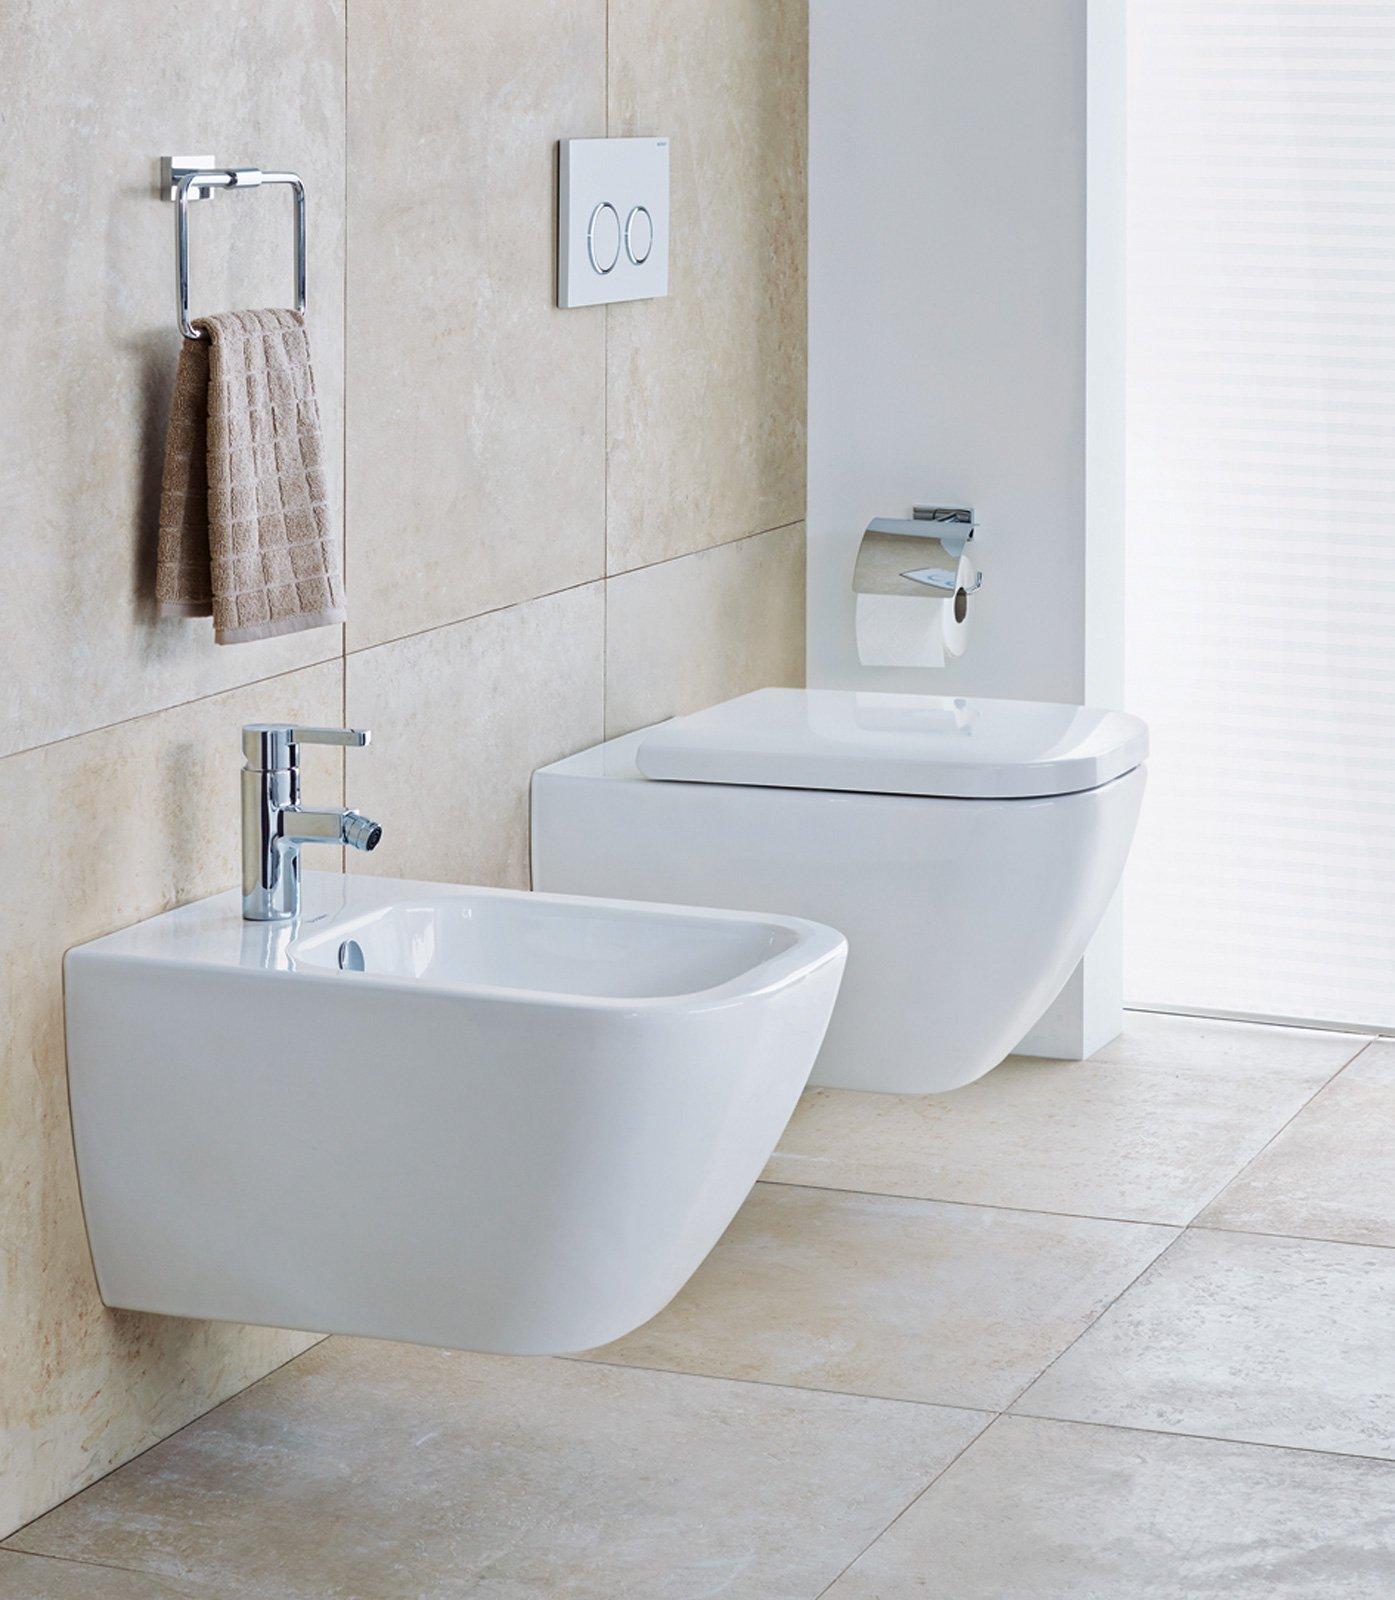 Salvaspazio per il bagno water e bidet piccoli cose di casa - Costo water bagno ...